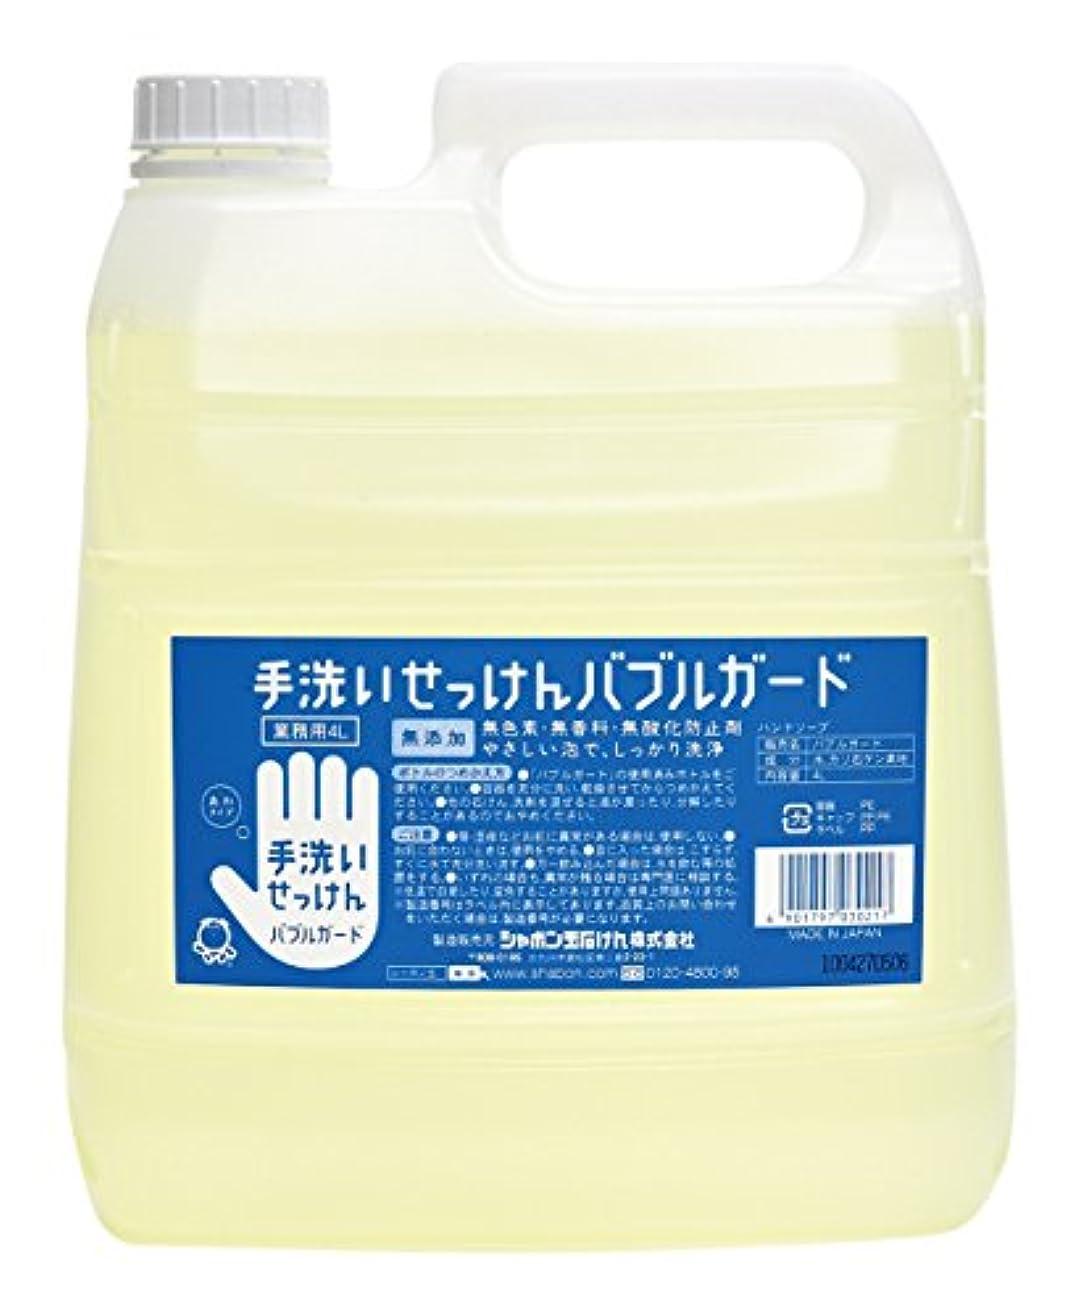 割り込みモンキー謝る【大容量】 シャボン玉 バブルガード 業務用 4L